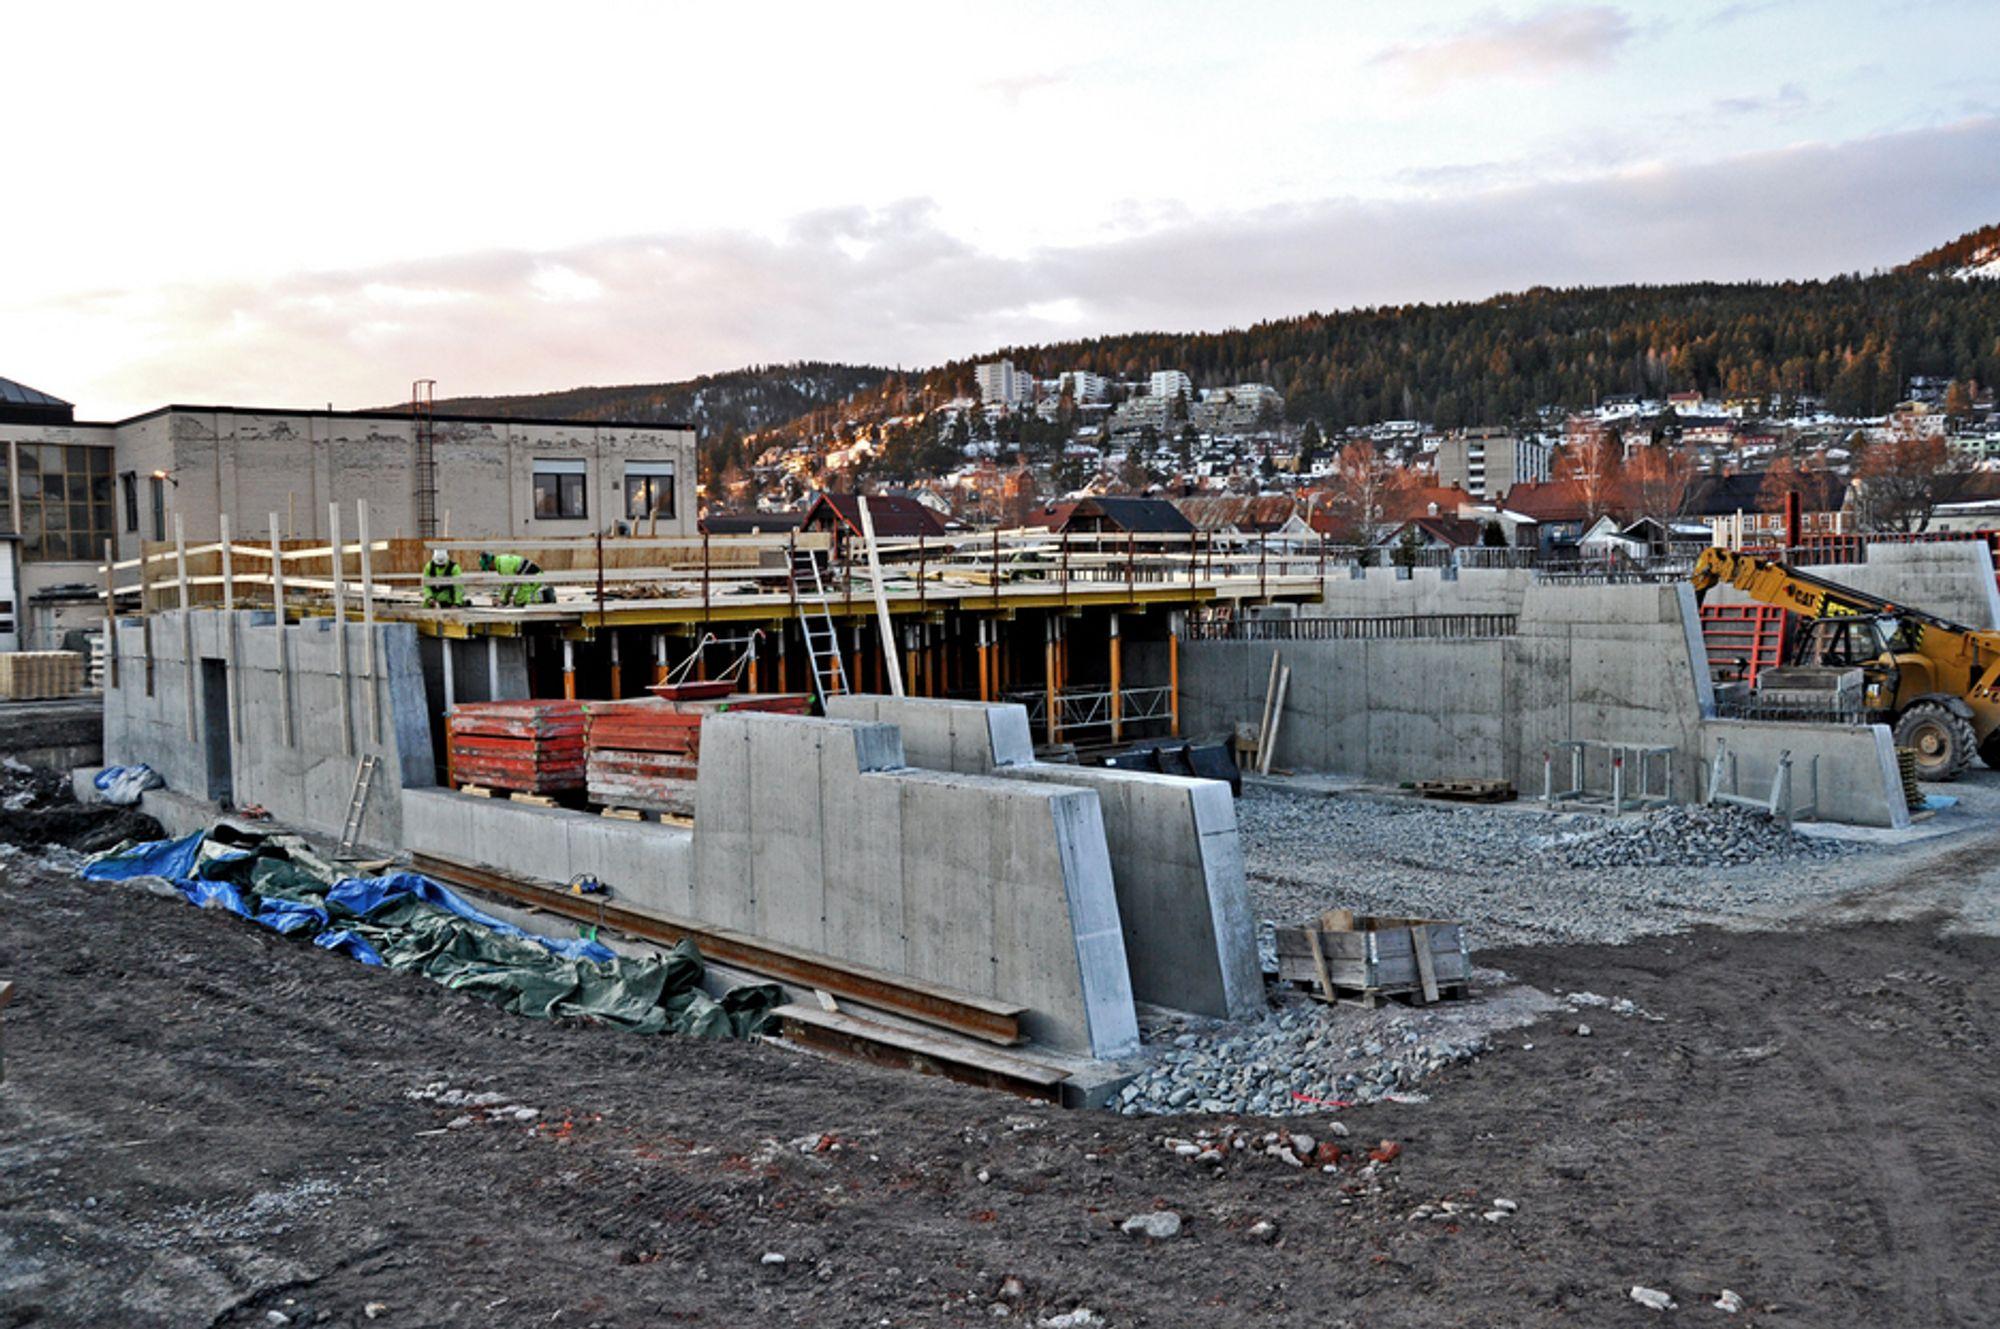 Søndre landkar til Øvre Sund bru er et omfattende byggverk som inneholder to underganger, en for en gang/sykkelveg og en for en strandpromenade. Nå er det klart at arbeidet mellom landkarene skal utføres av Strøm Gundersen.